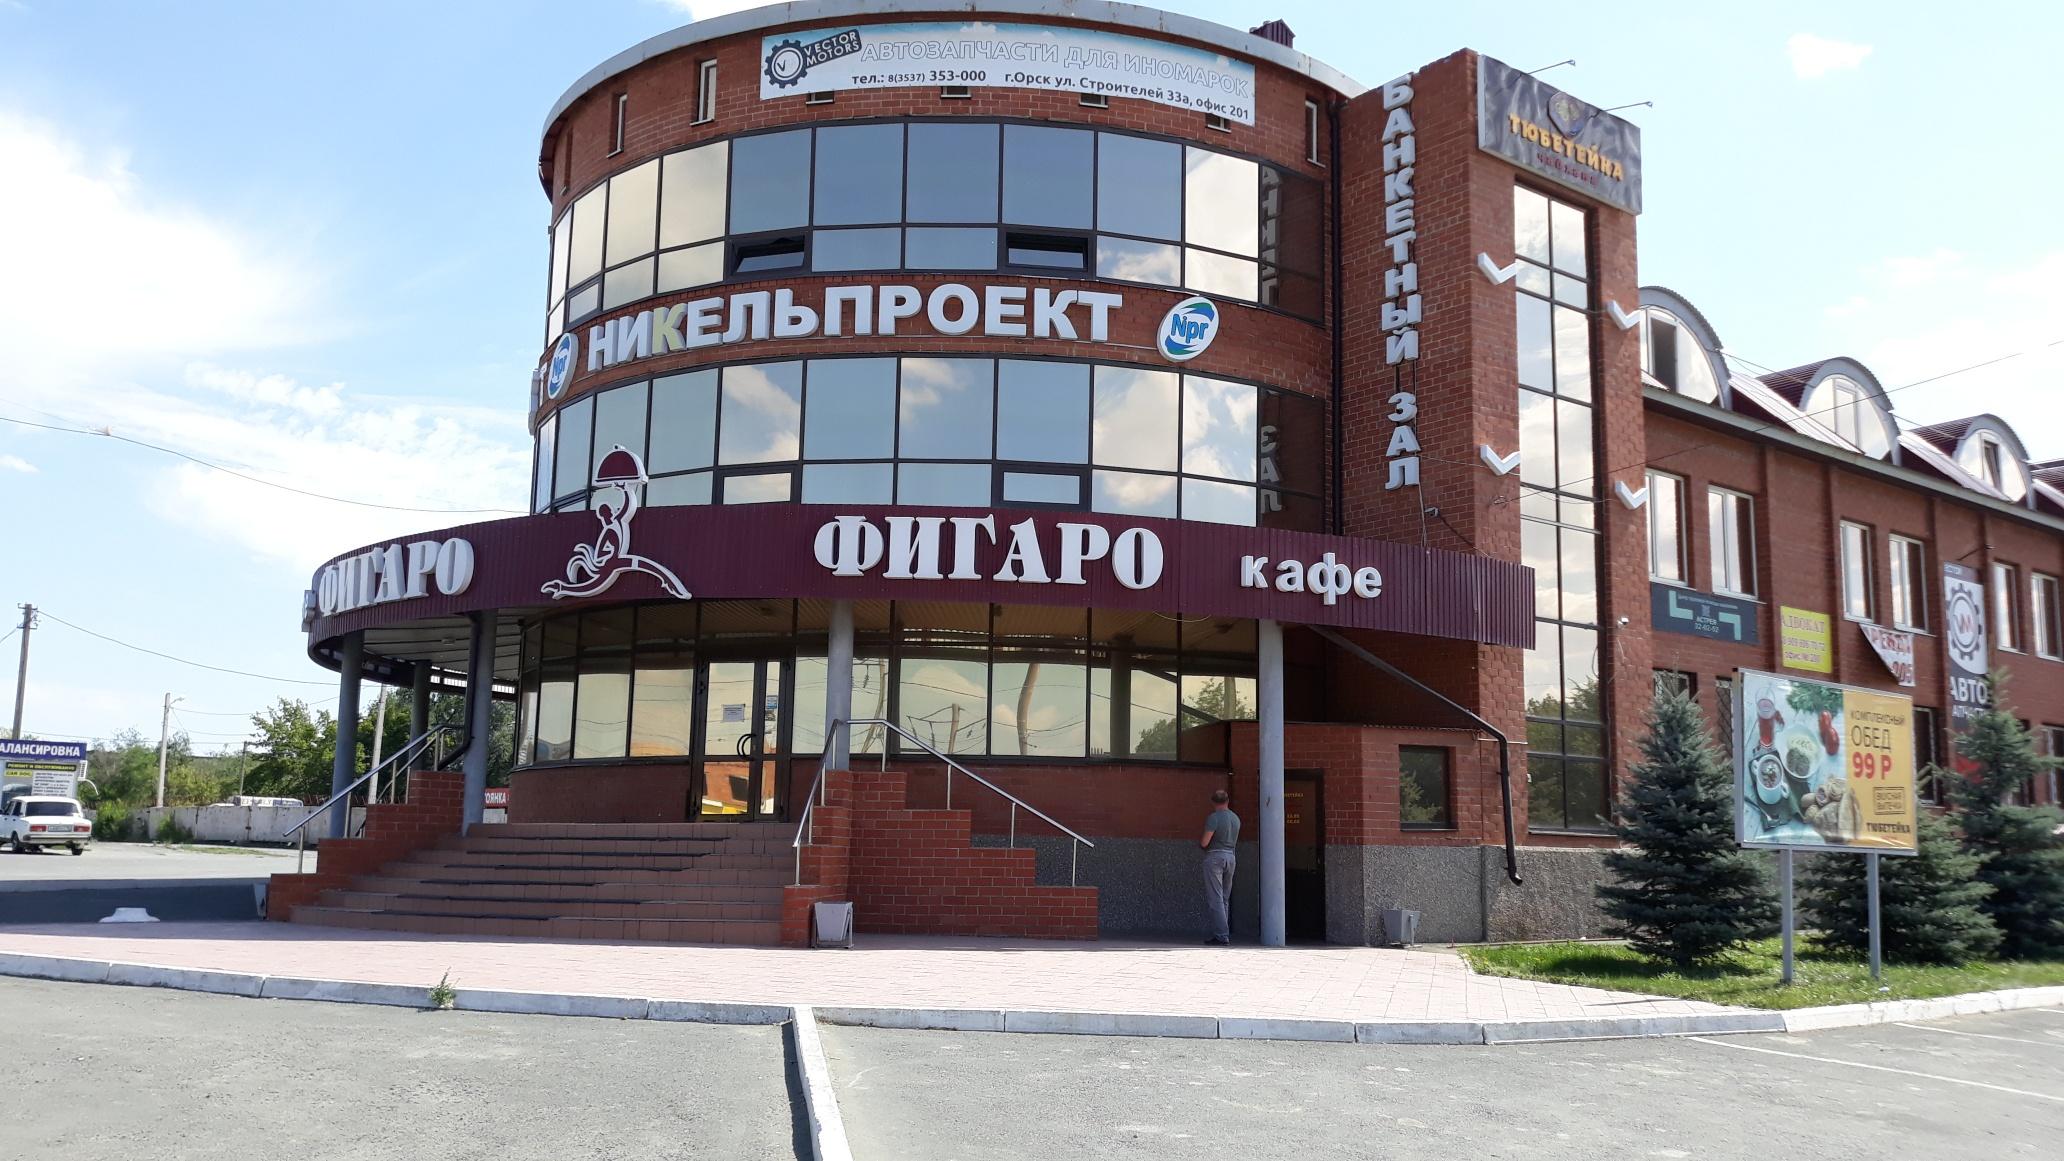 Оренбургская область, Орск, ул. Строителей, 33а